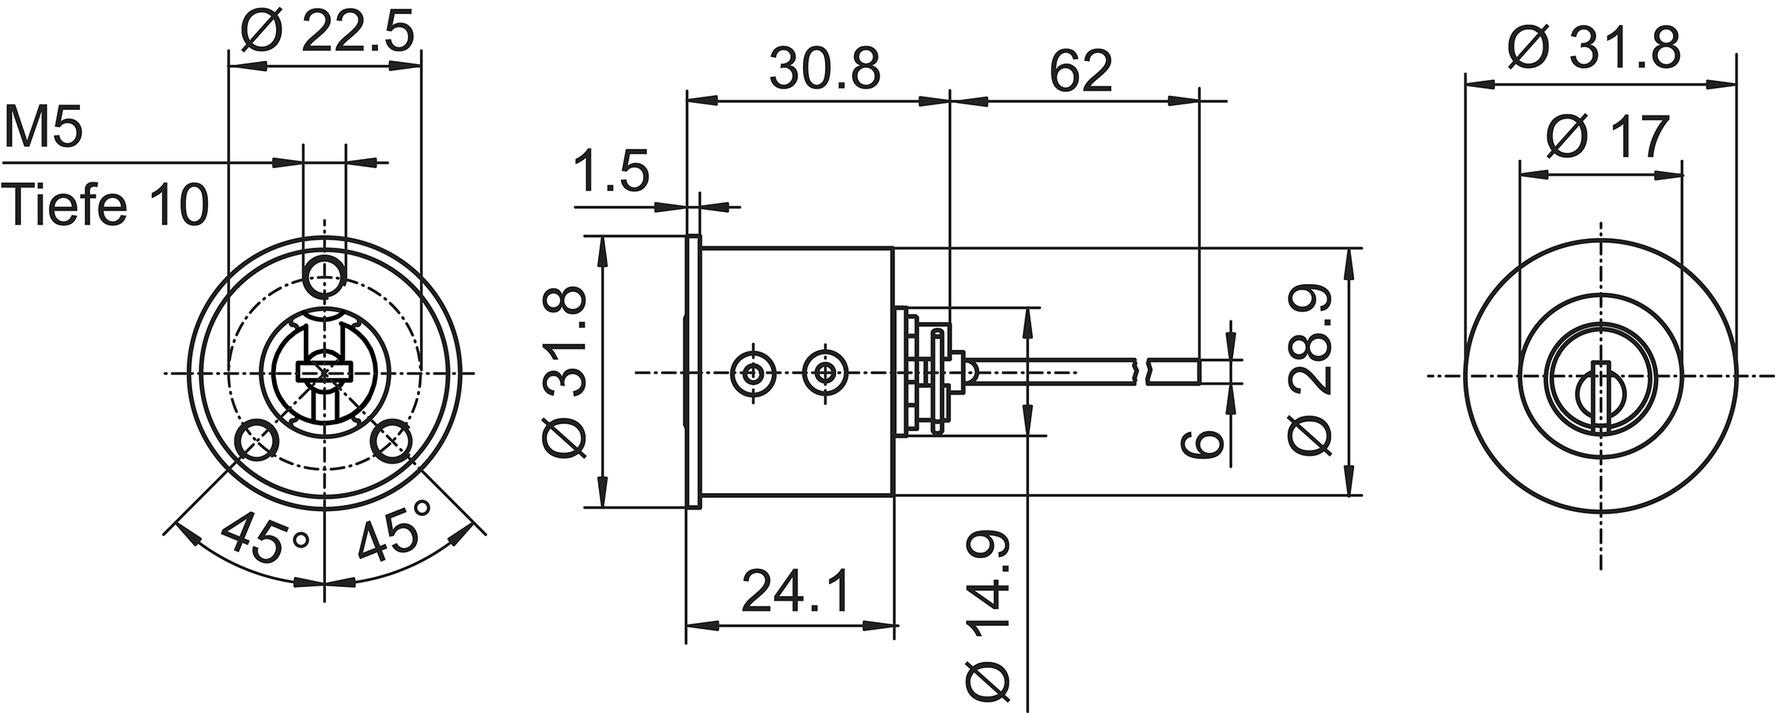 Aussenzylinder Kaba 20/star Typ M1007